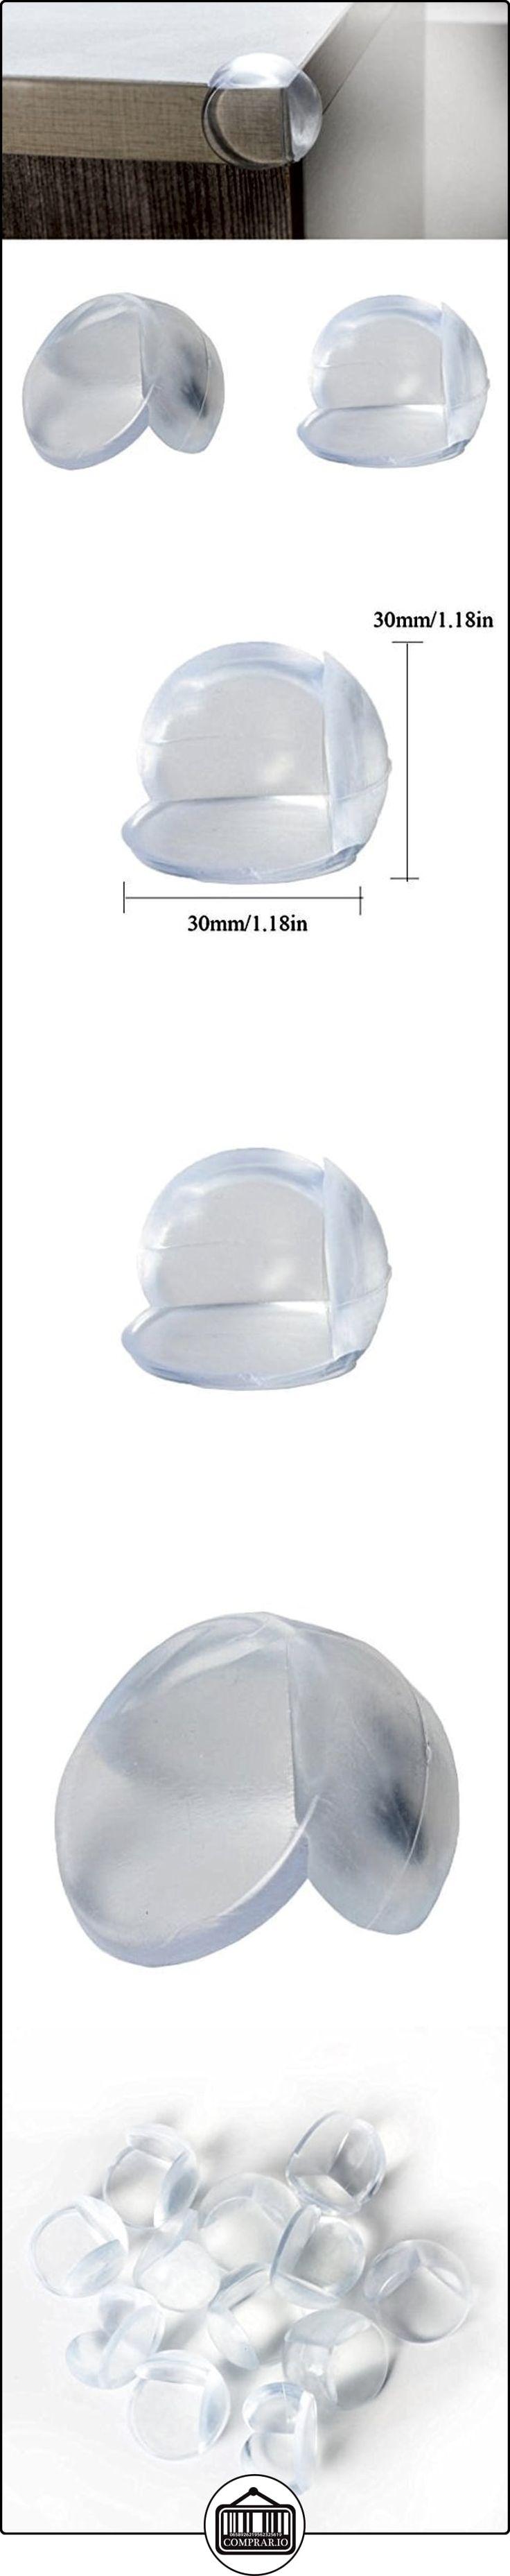 Andux Zone PAC KOF 12 protector de esquinas forma de la bola del bebé de seguridad para niños colchón borde de la mesa escritorio de guardia FZJ-01  ✿ Seguridad para tu bebé - (Protege a tus hijos) ✿ ▬► Ver oferta: http://comprar.io/goto/B01GHLXIPY